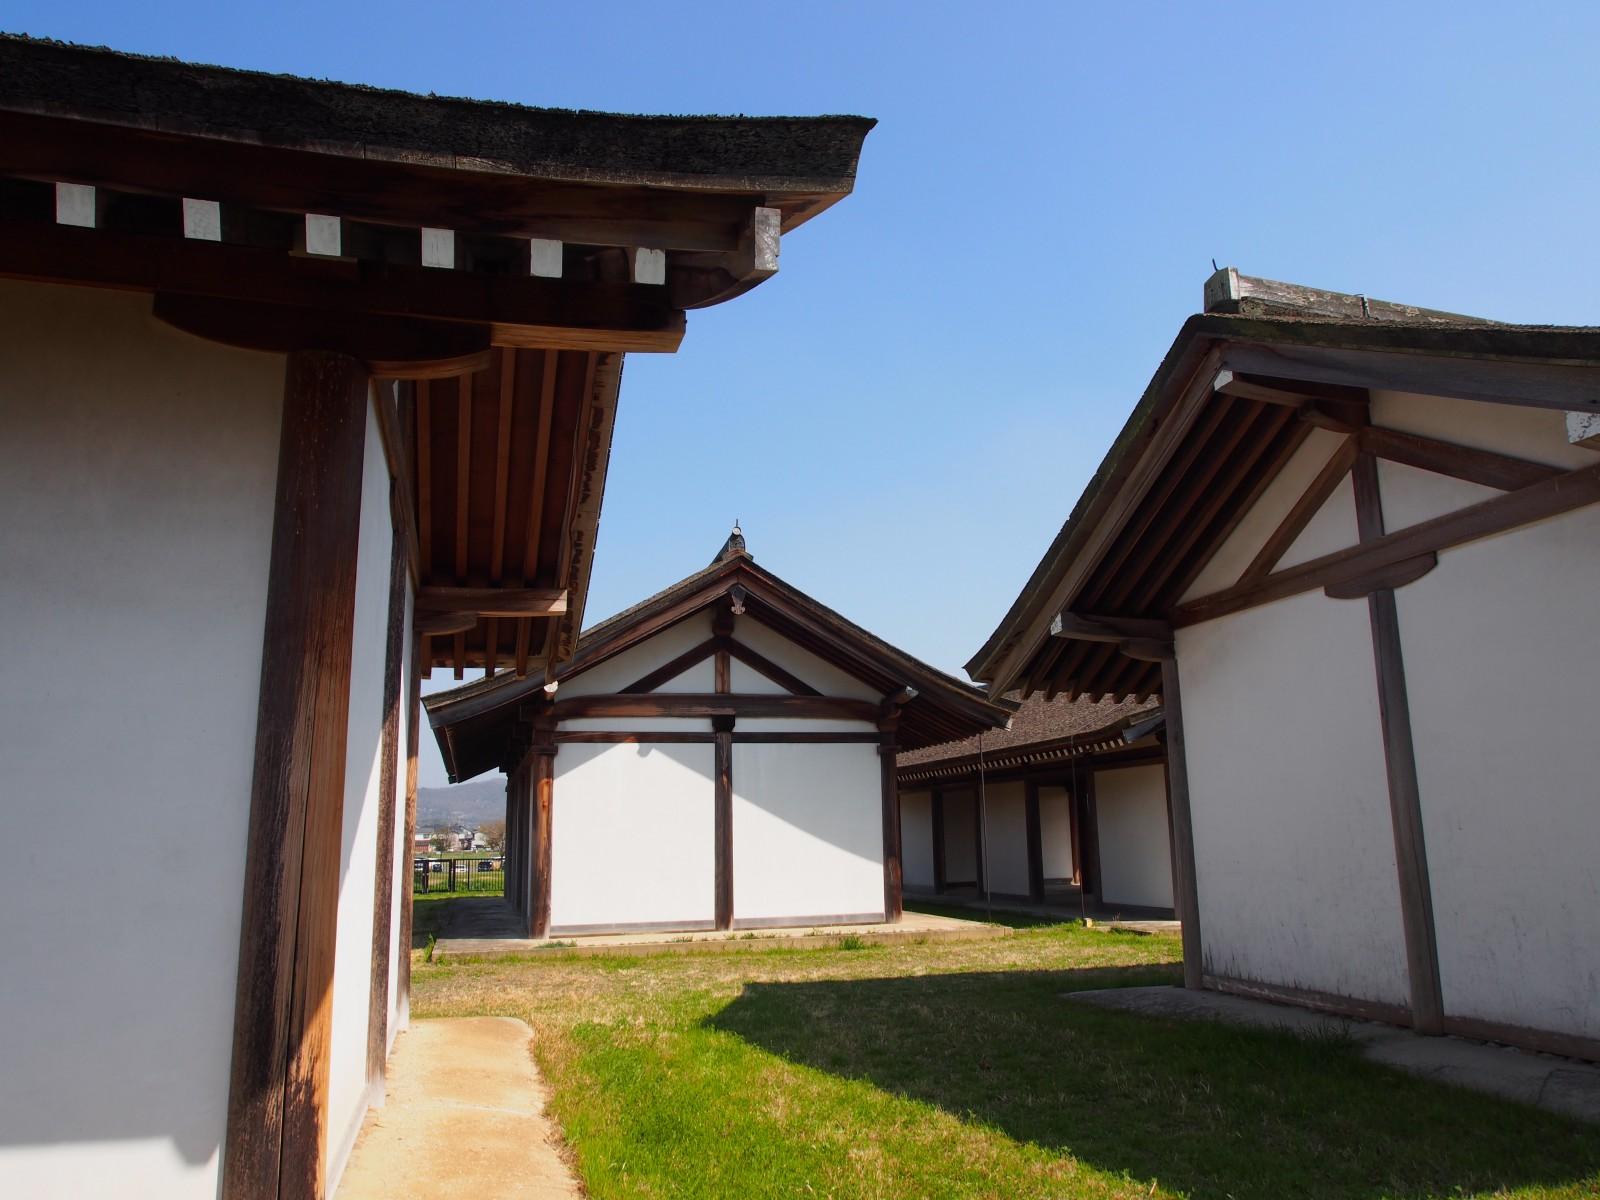 推定宮内省】奈良時代のお役所を復原した檜皮葺の建物が並ぶ空間 ...